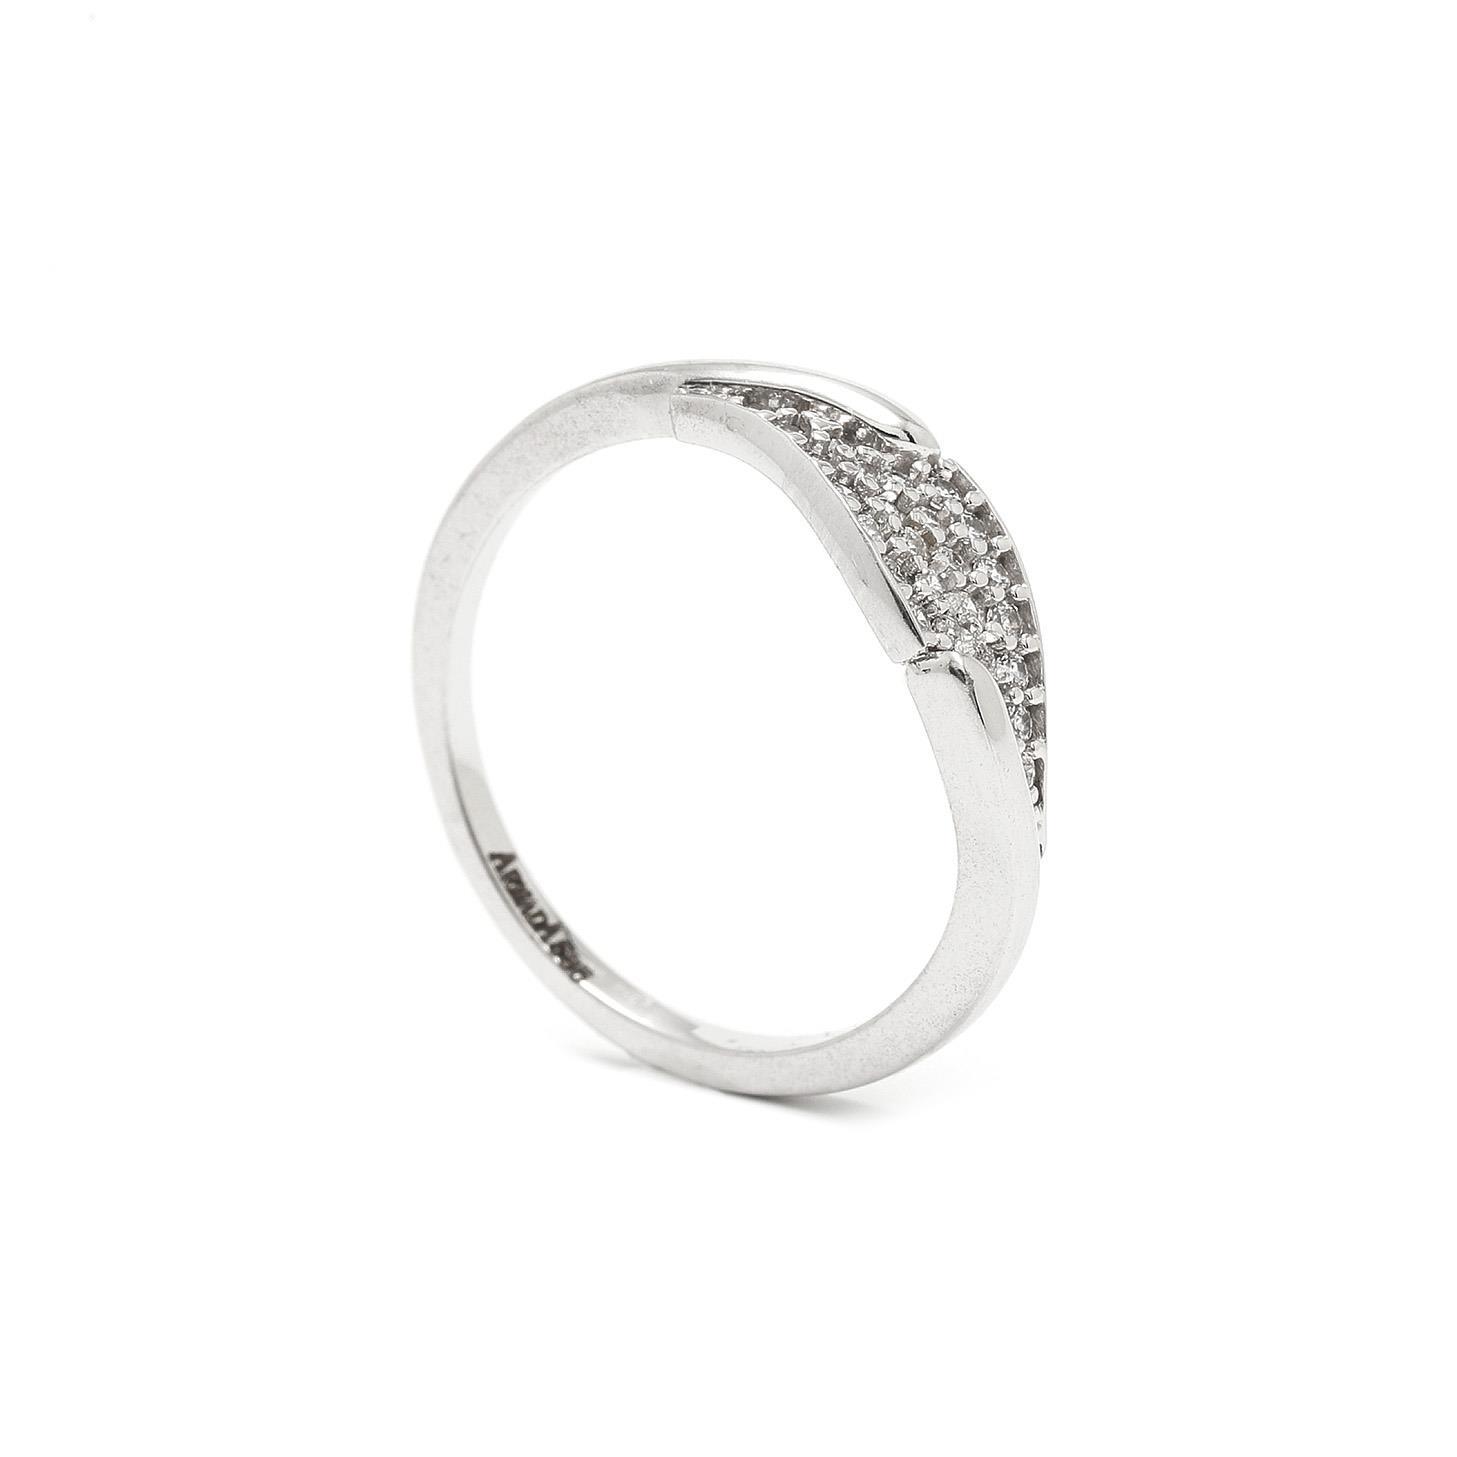 Zlatý dámsky prsteň VYVIAN 7PB00347